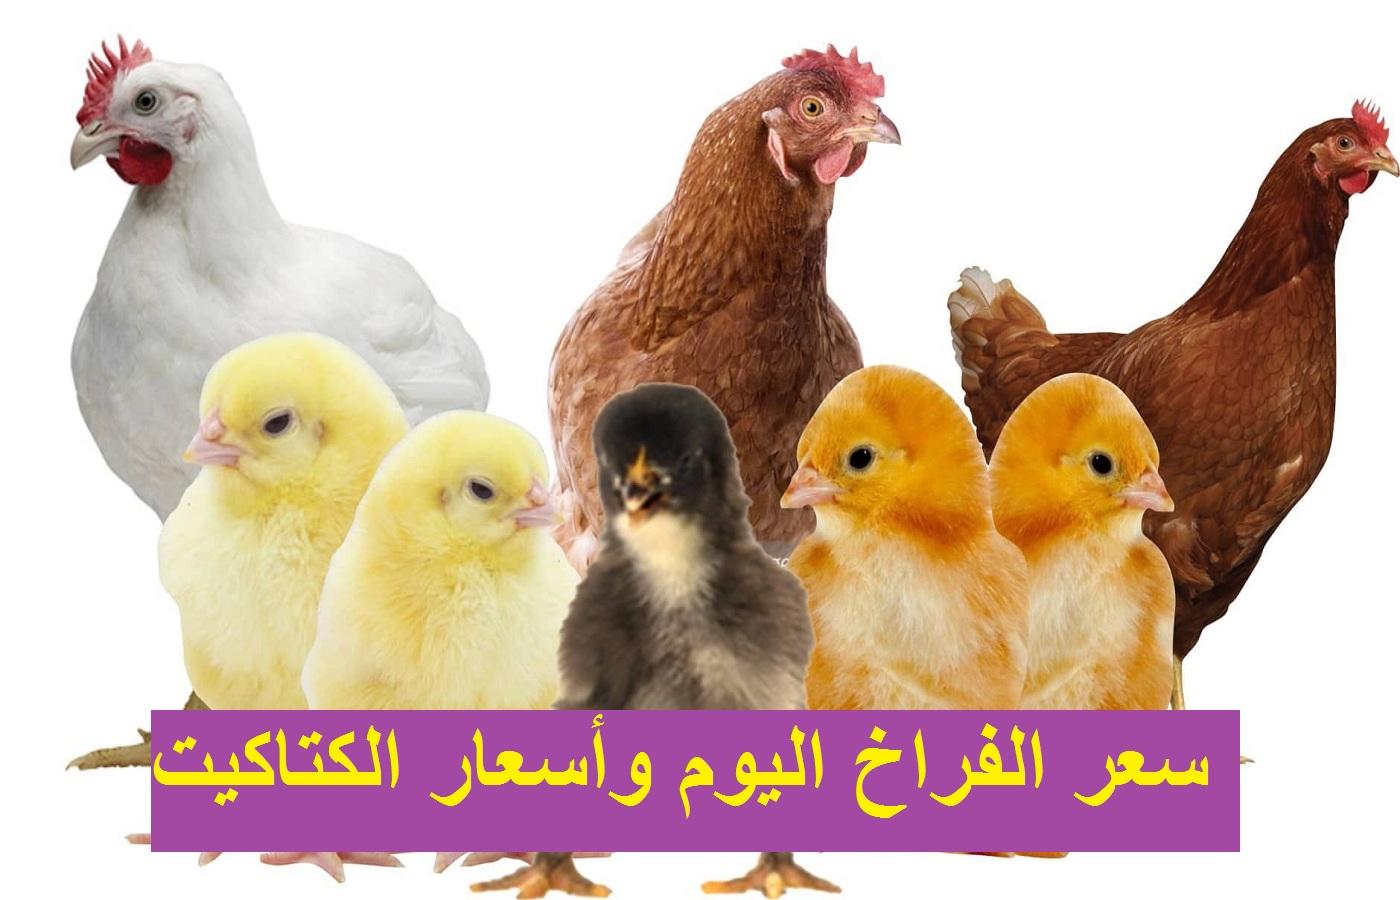 زيادة جديدة في سعر الفراخ اليوم 3 مارس ببورصة الدواجن وارتفاع سعر الكتكوت الأبيض والبلدي بشركة السقا